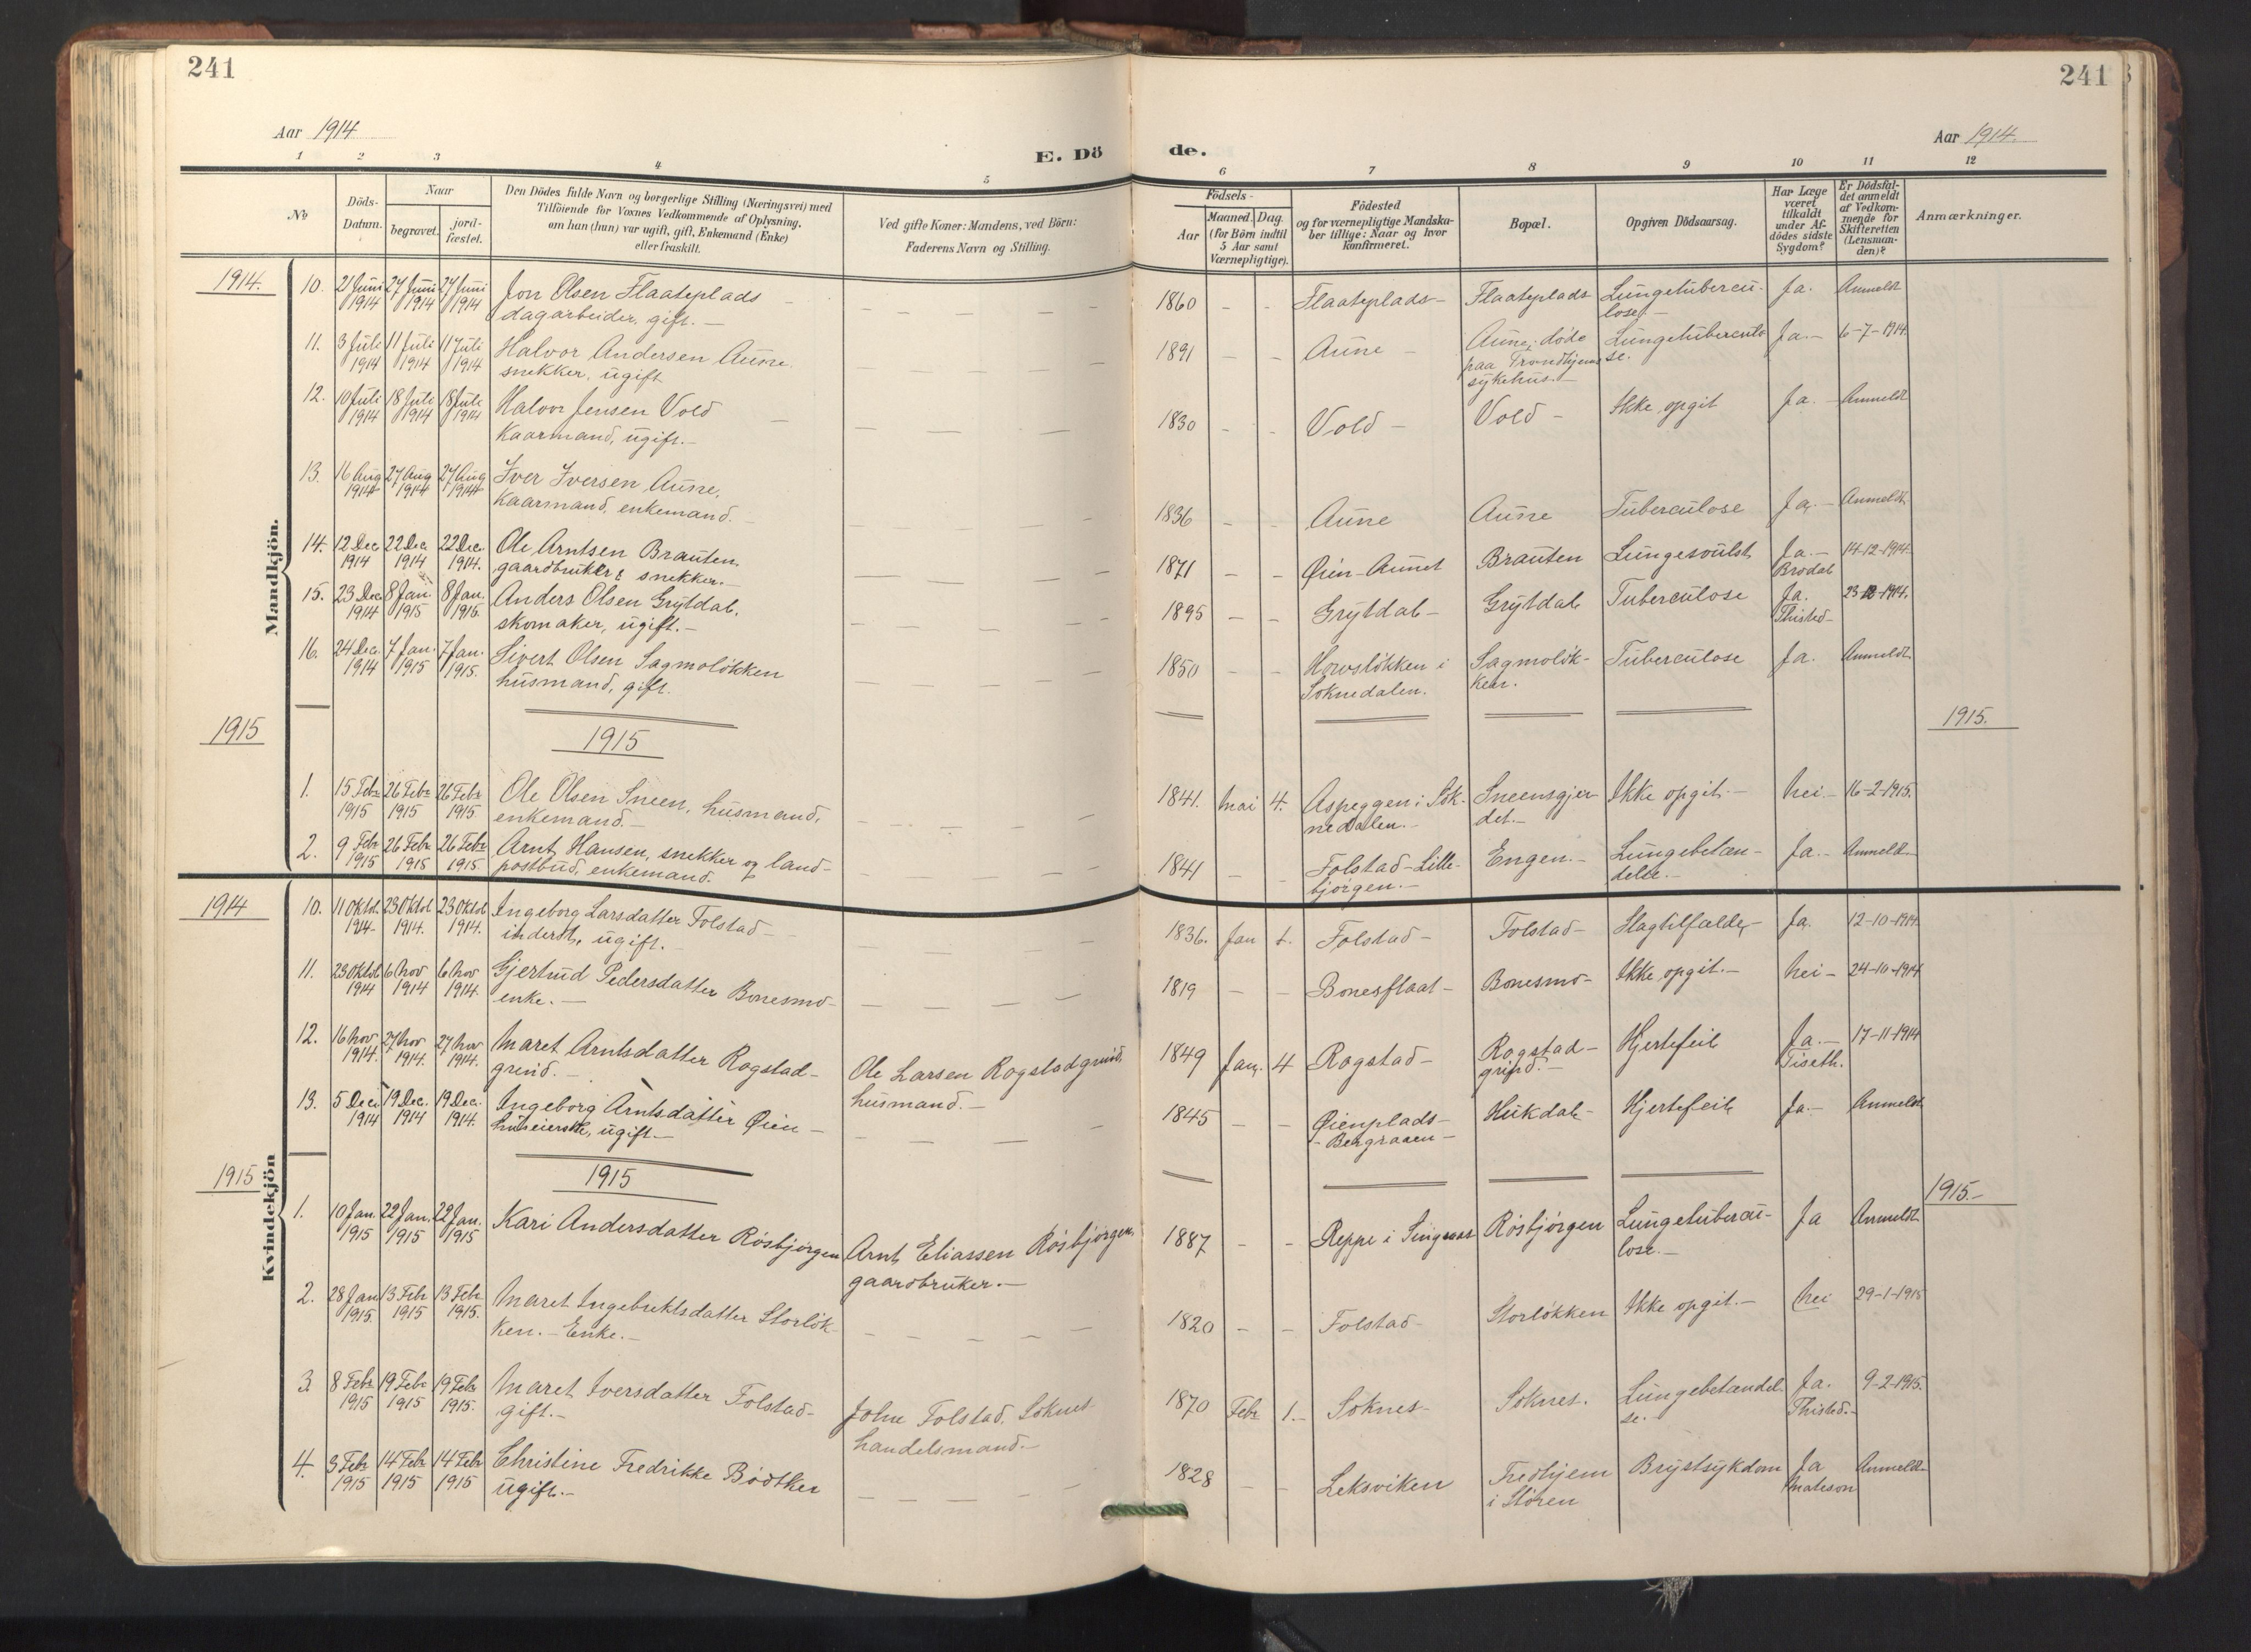 SAT, Ministerialprotokoller, klokkerbøker og fødselsregistre - Sør-Trøndelag, 687/L1019: Klokkerbok nr. 687C03, 1904-1931, s. 241